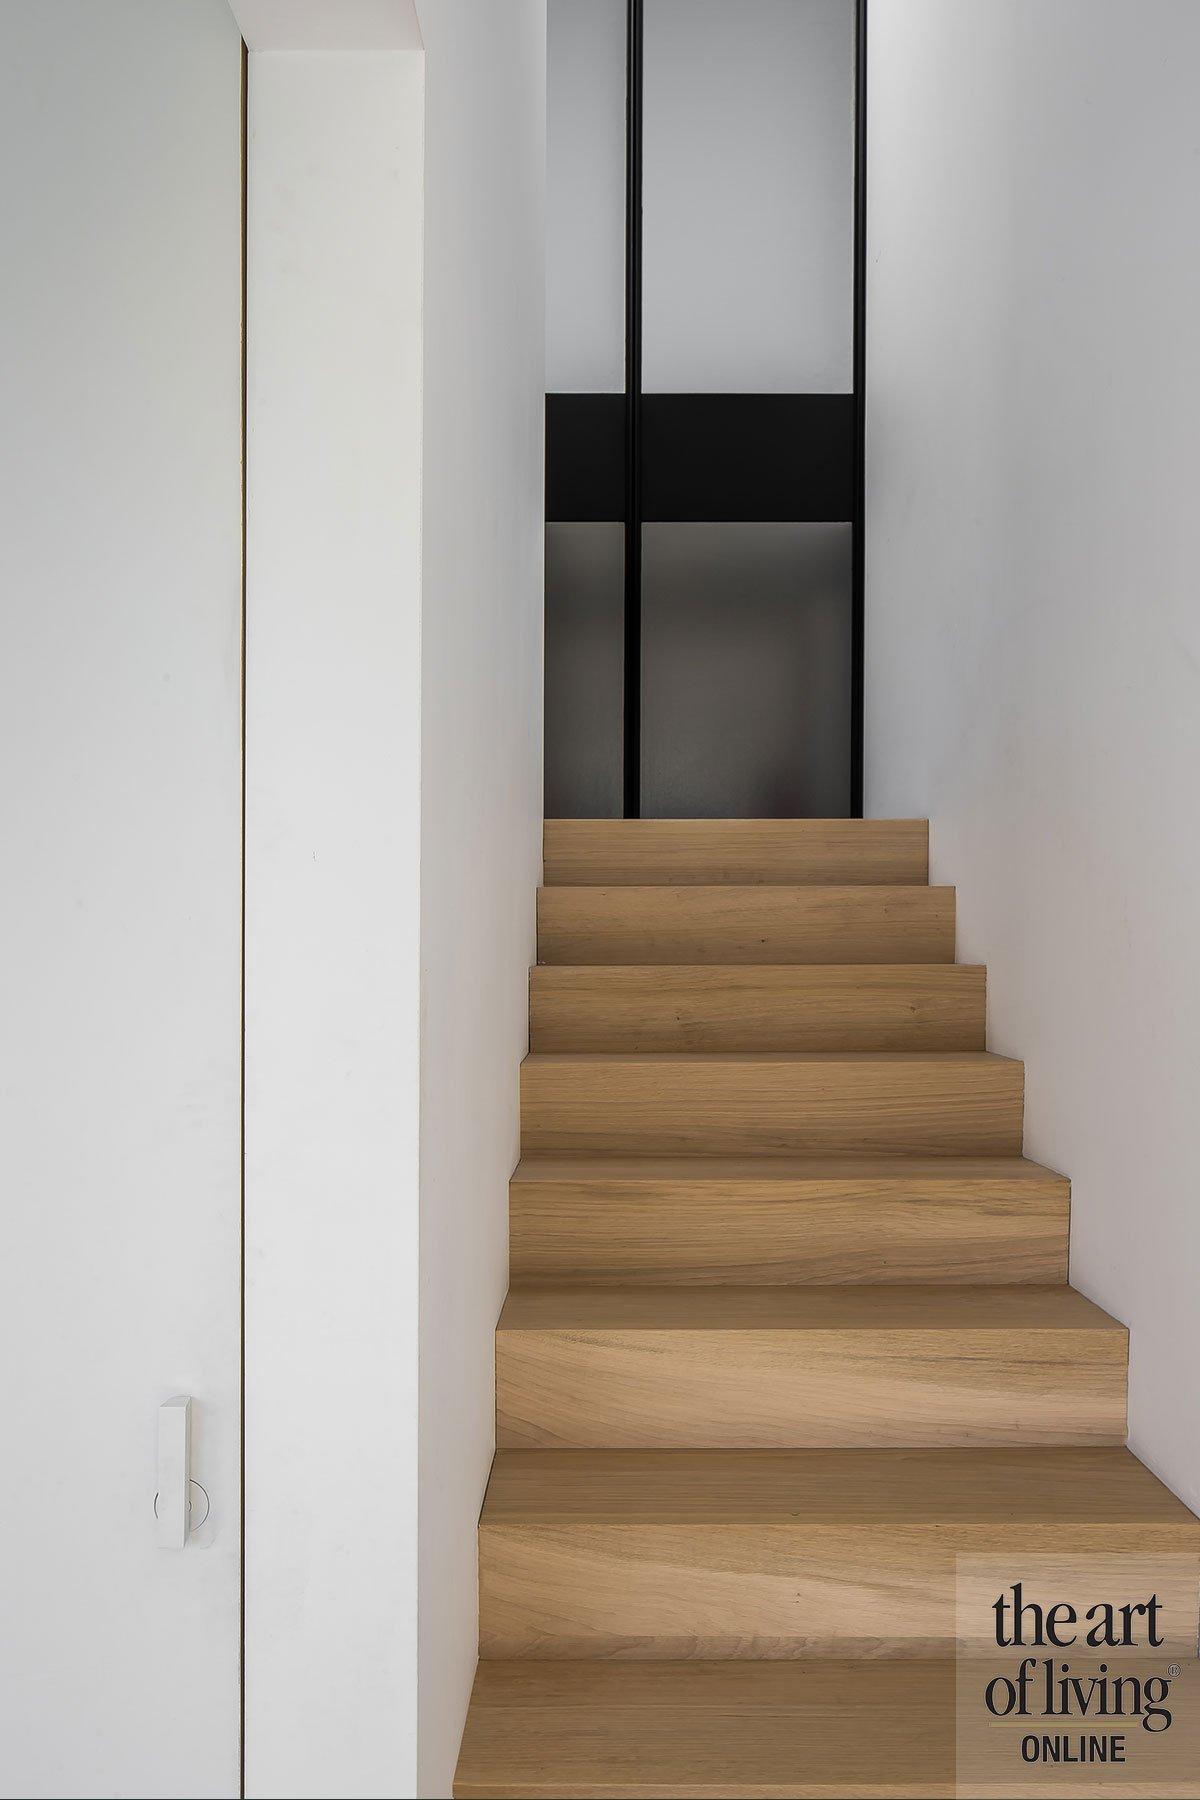 Strakke woning | Vlaminck-Van-Wetter-Architecten, the art of living